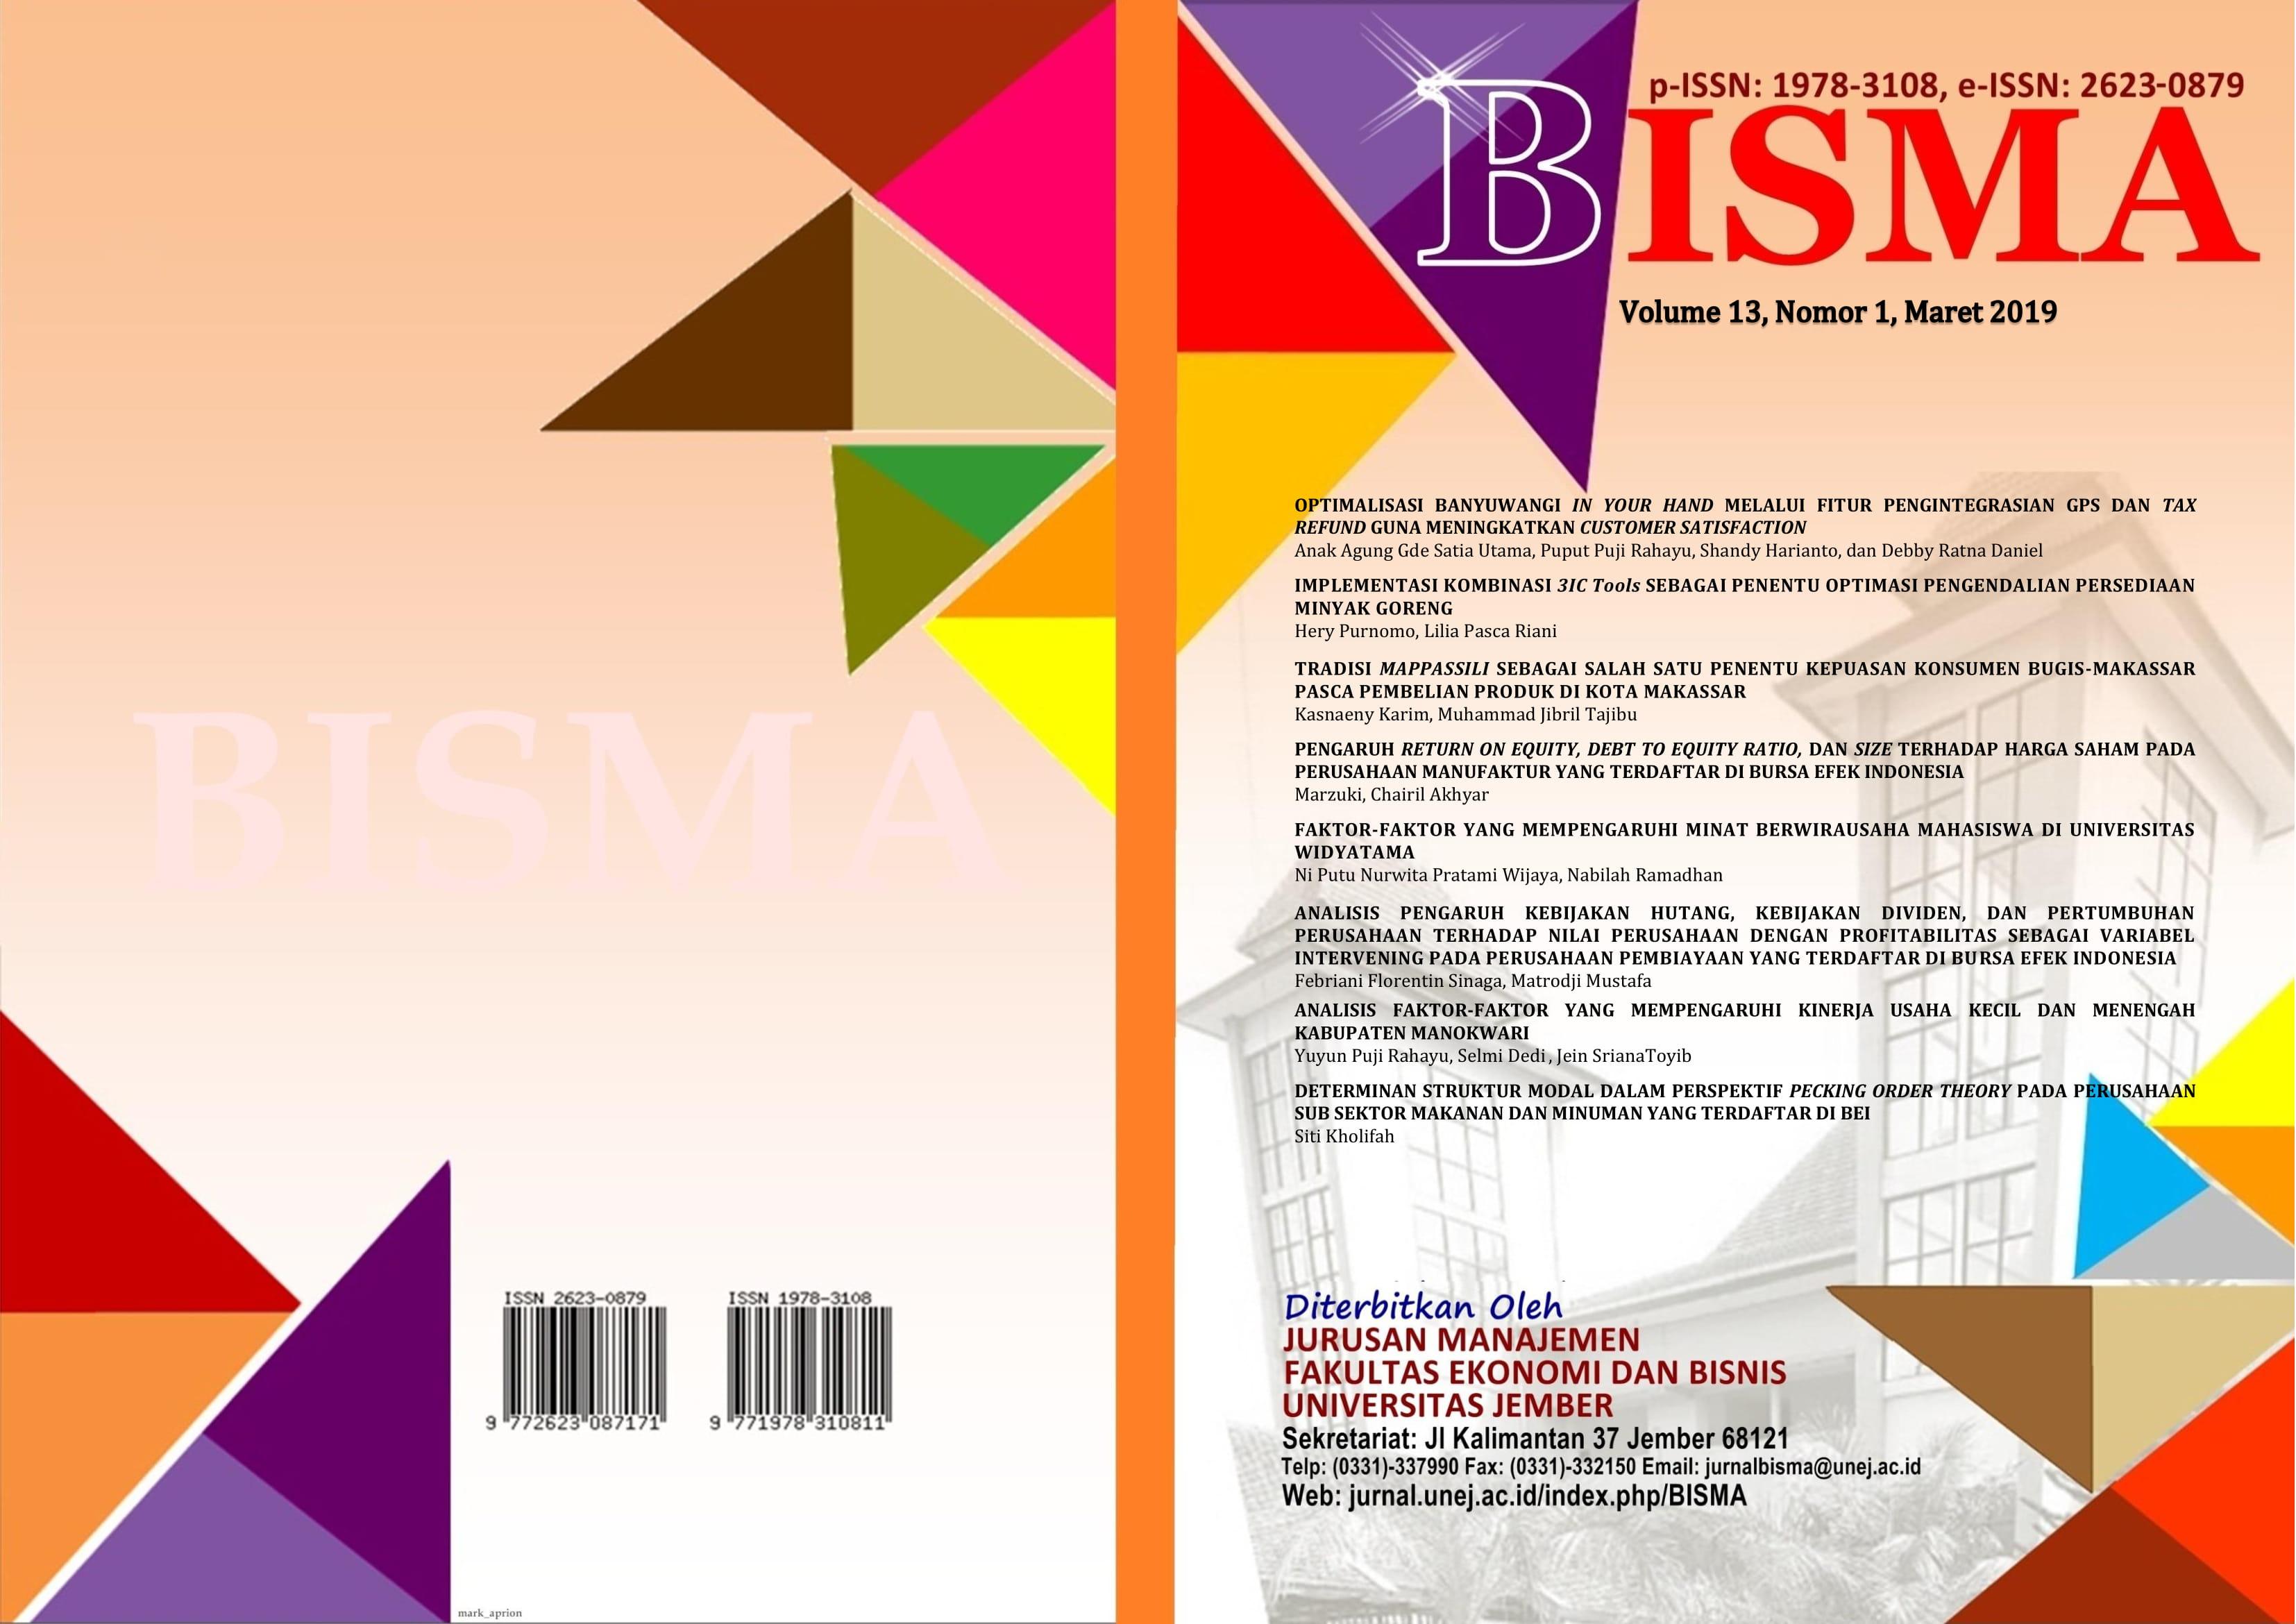 Analisis Faktor Faktor Yang Mempengaruhi Kinerja Usaha Kecil Dan Menengah Kabupaten Manokwari Bisma Jurnal Bisnis Dan Manajemen